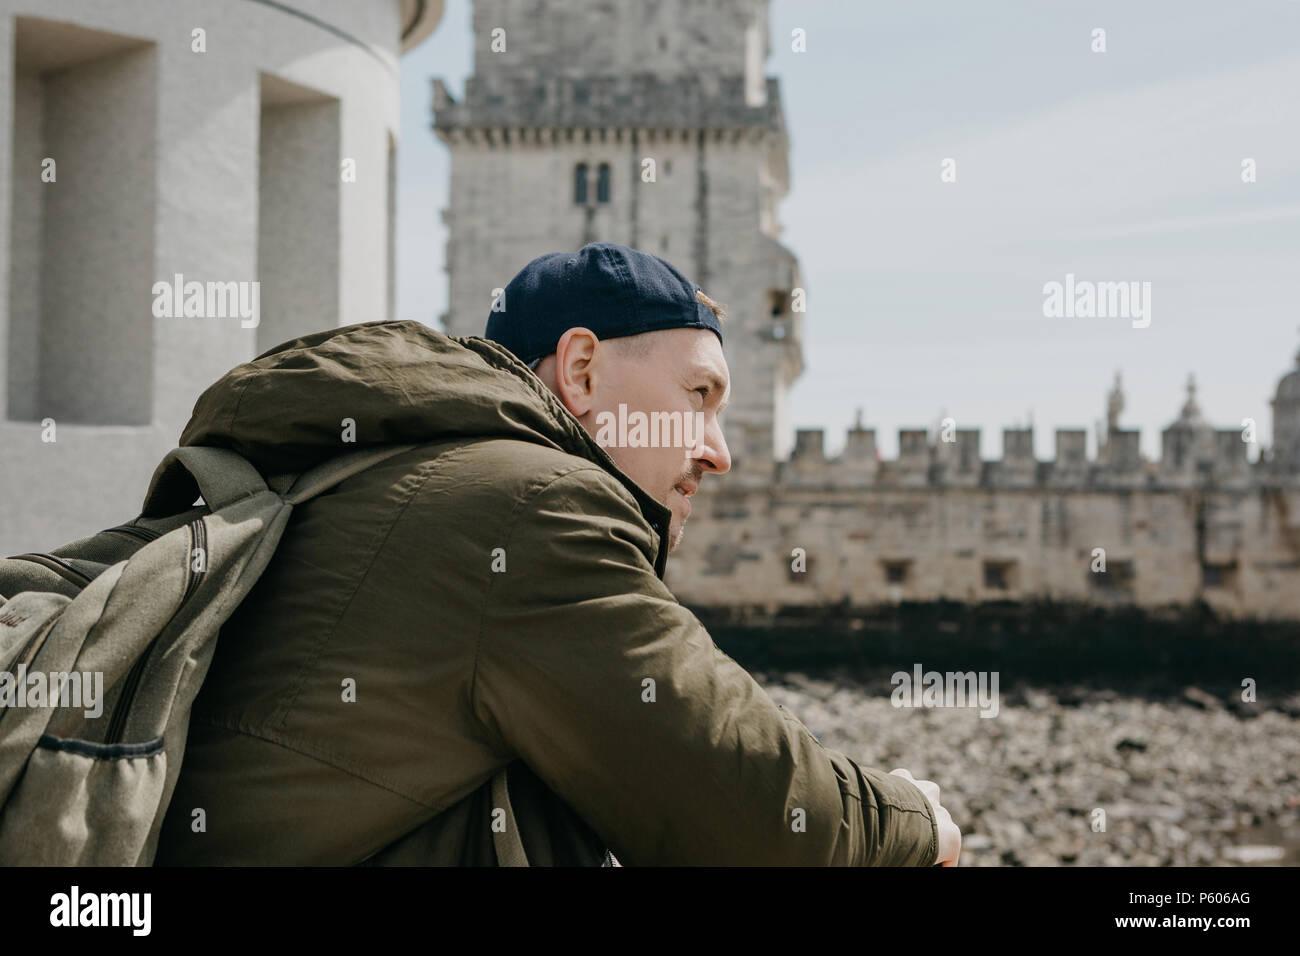 Ritratto di un giovane turista ragazzo o uomo di viaggiatori con lo zaino che si siede e guarda nella distanza di Lisbona in Portogallo. La Torre di Belem in background Immagini Stock